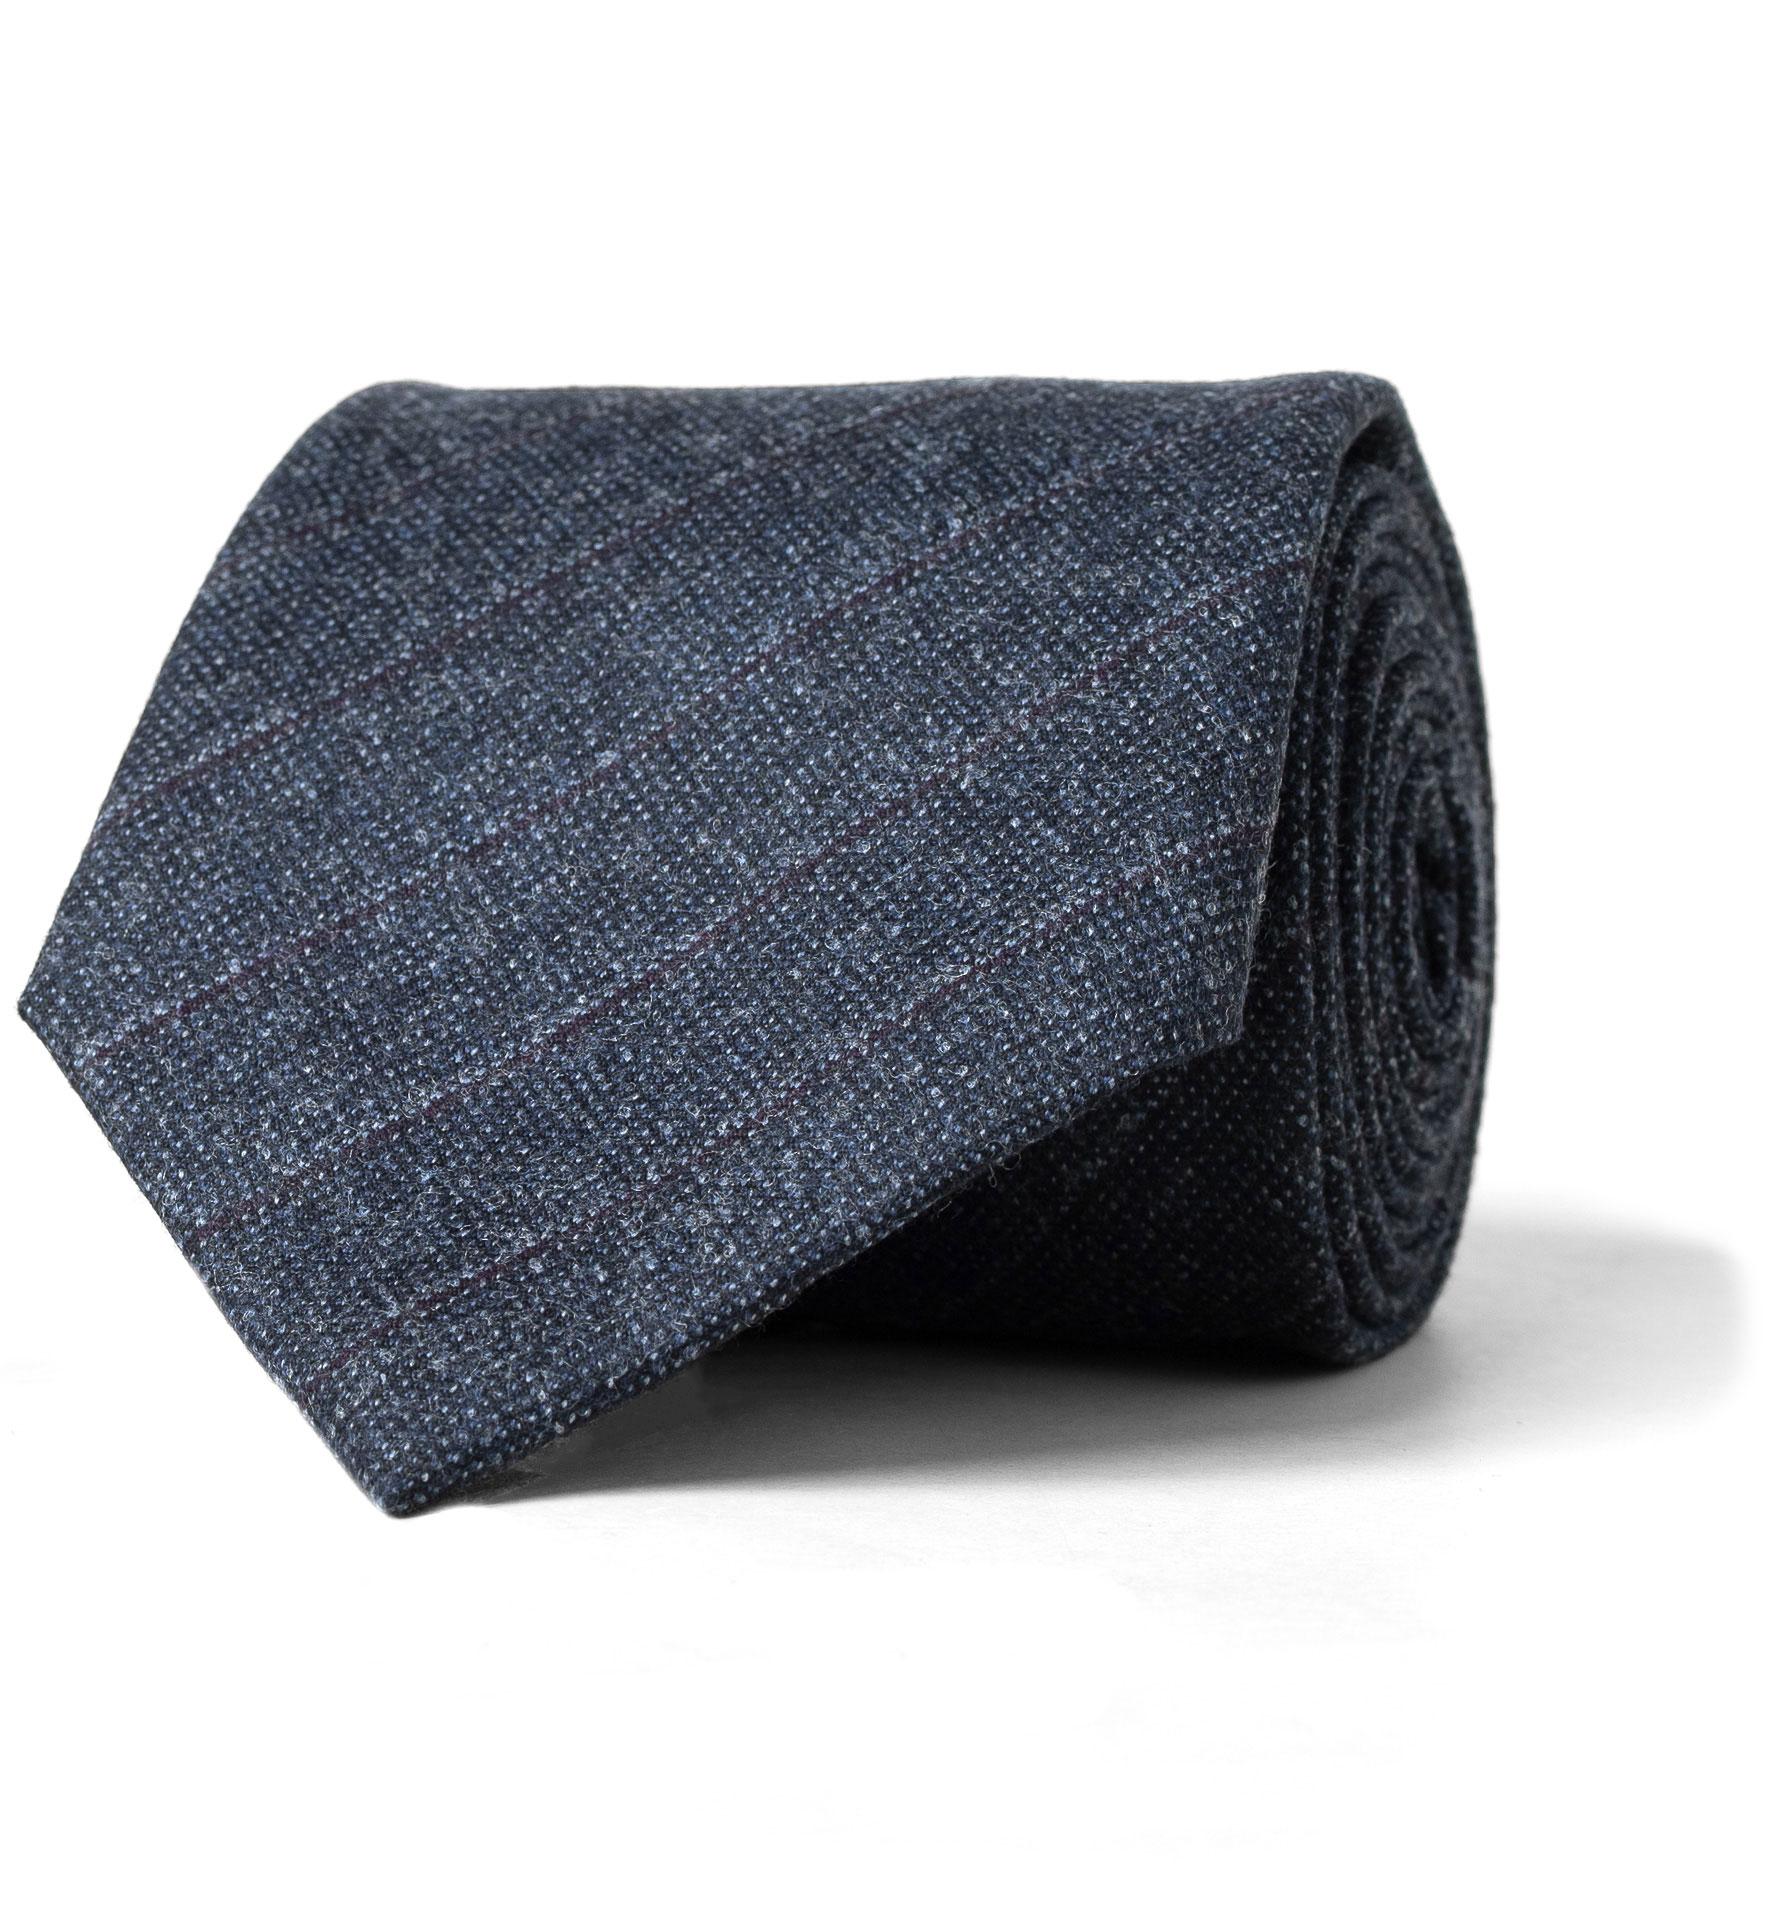 Zoom Image of Slate Pinstripe Wool Tie